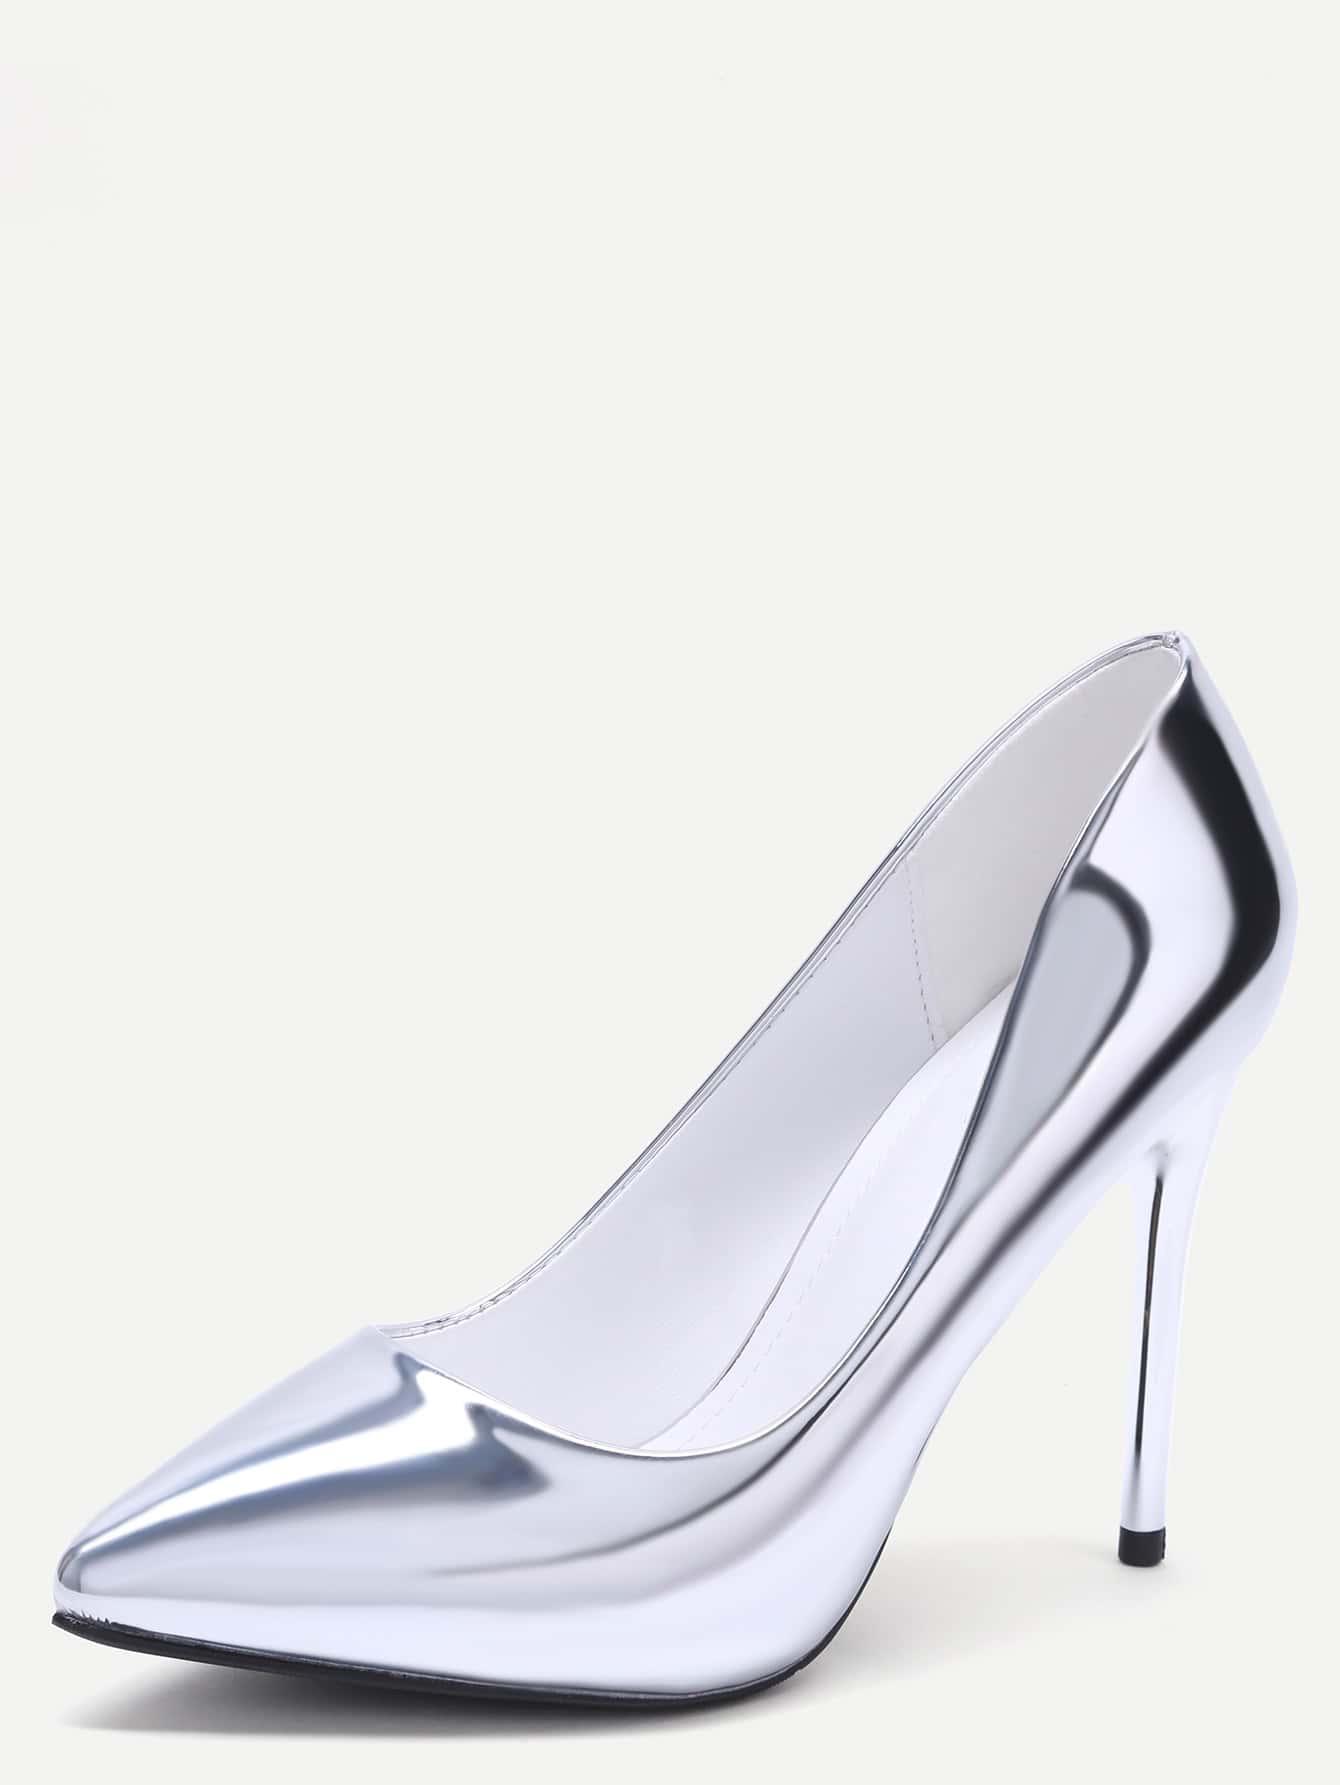 shoes161213801_2